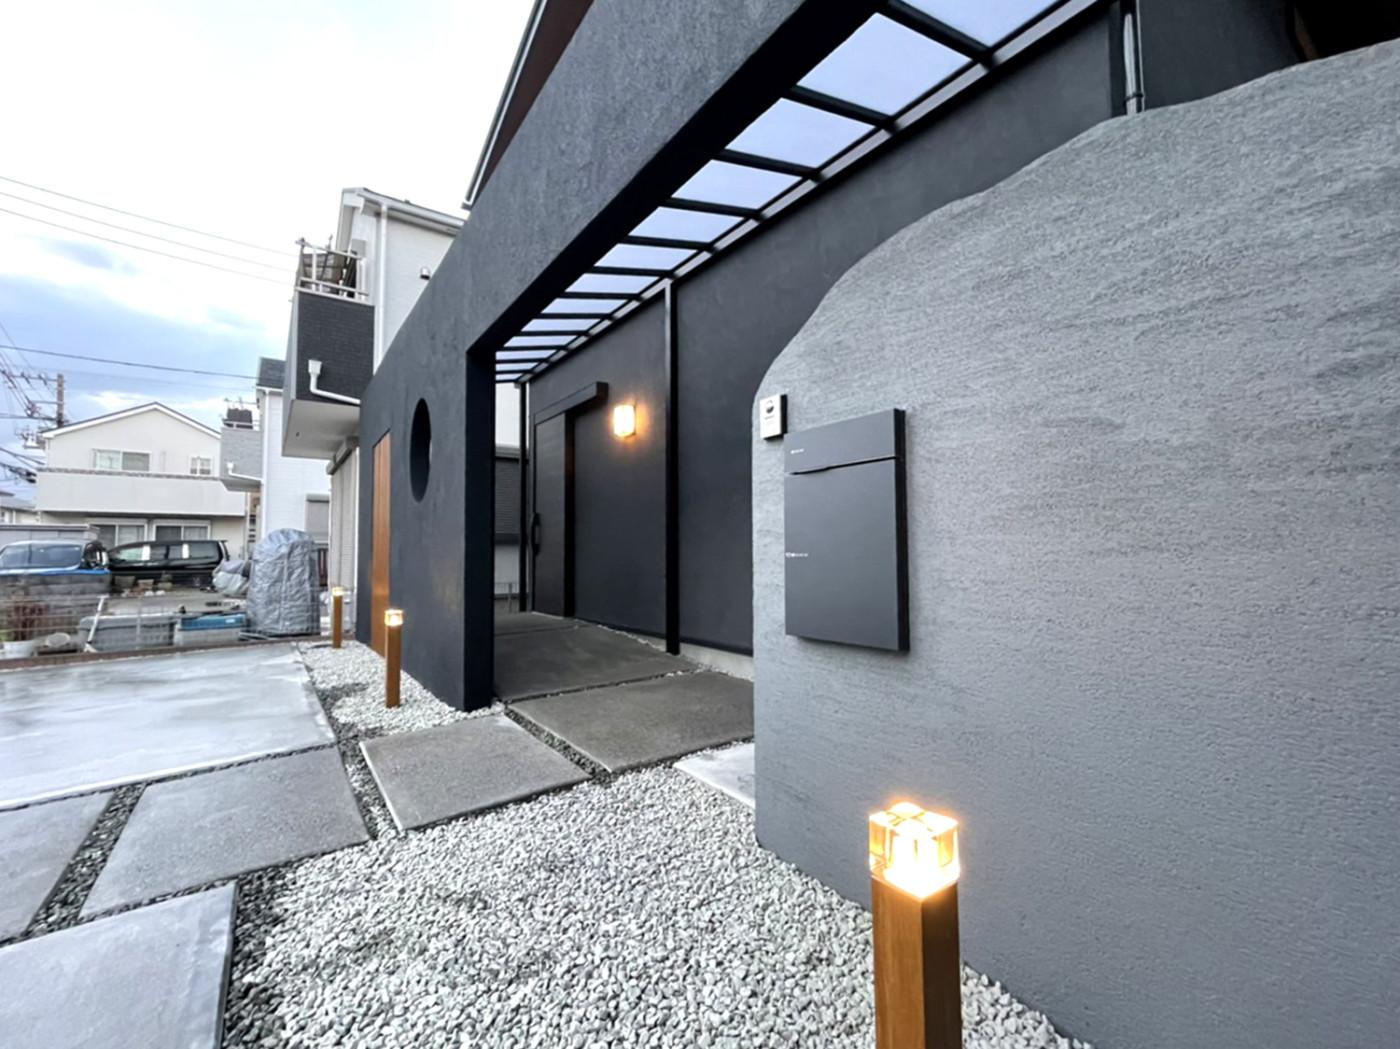 神奈川県 株式会社 琴美建設 グランドアートウォール施工イメージ3647_03